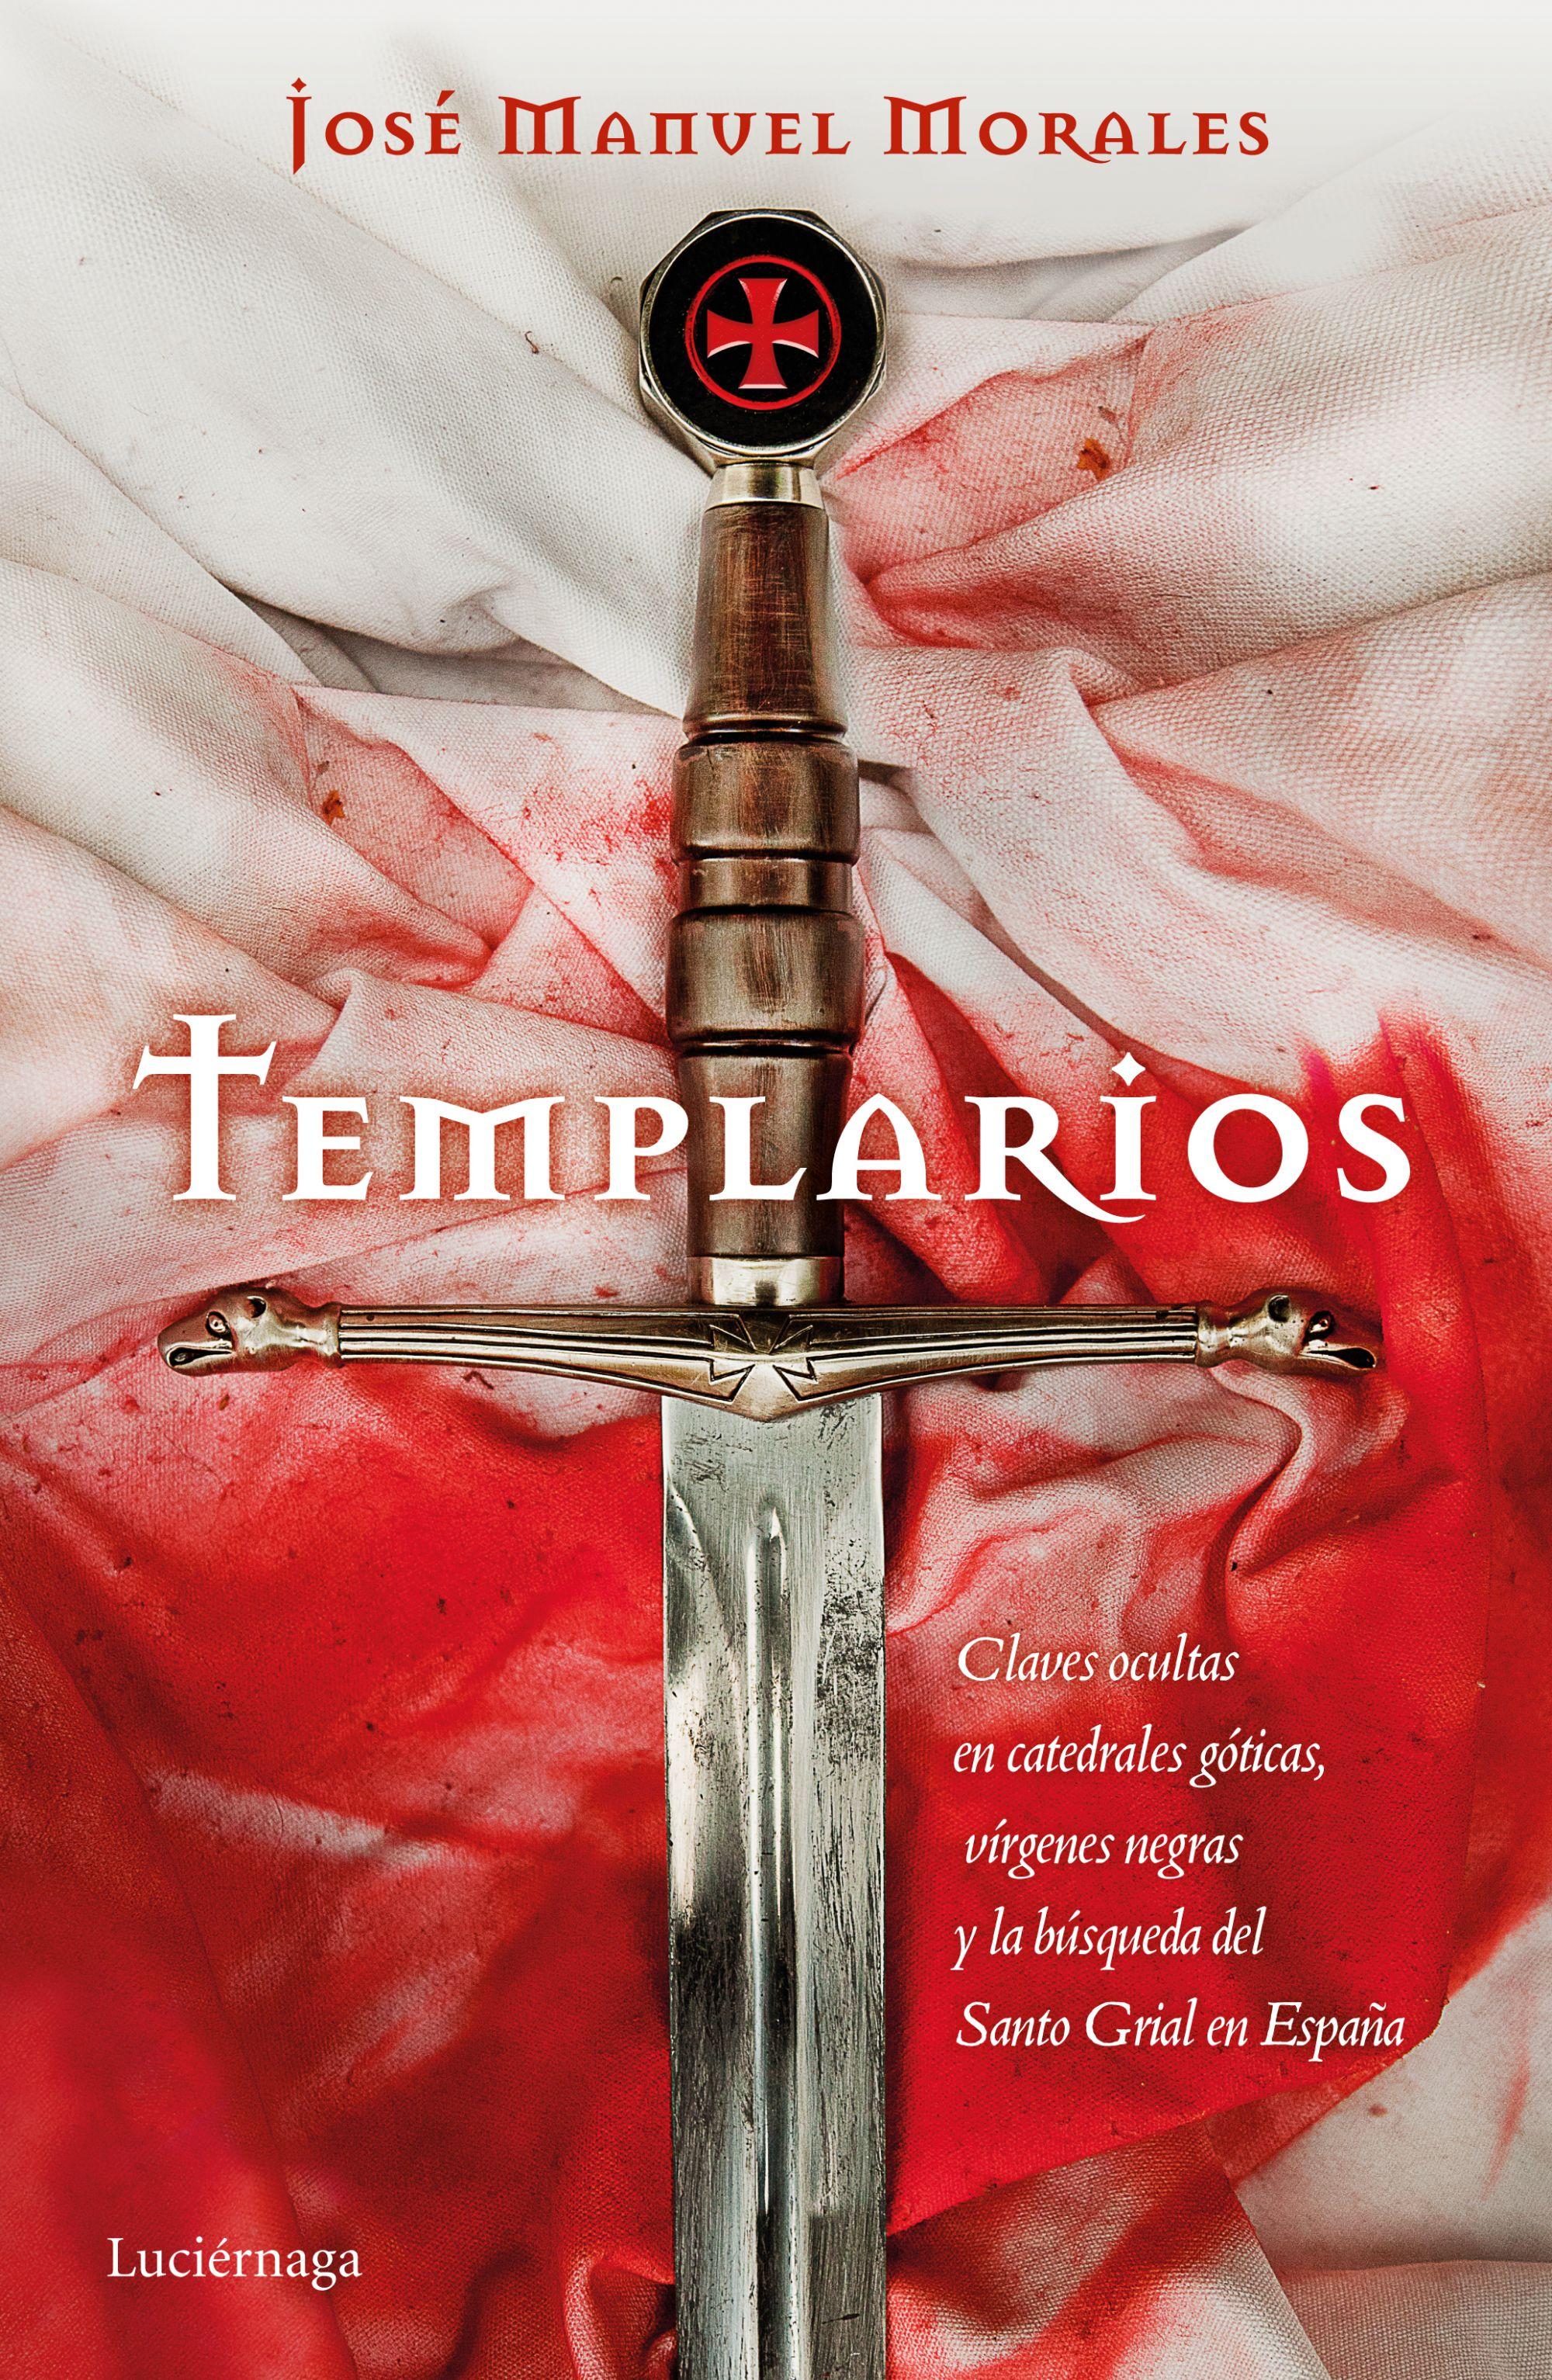 Templarios, libro